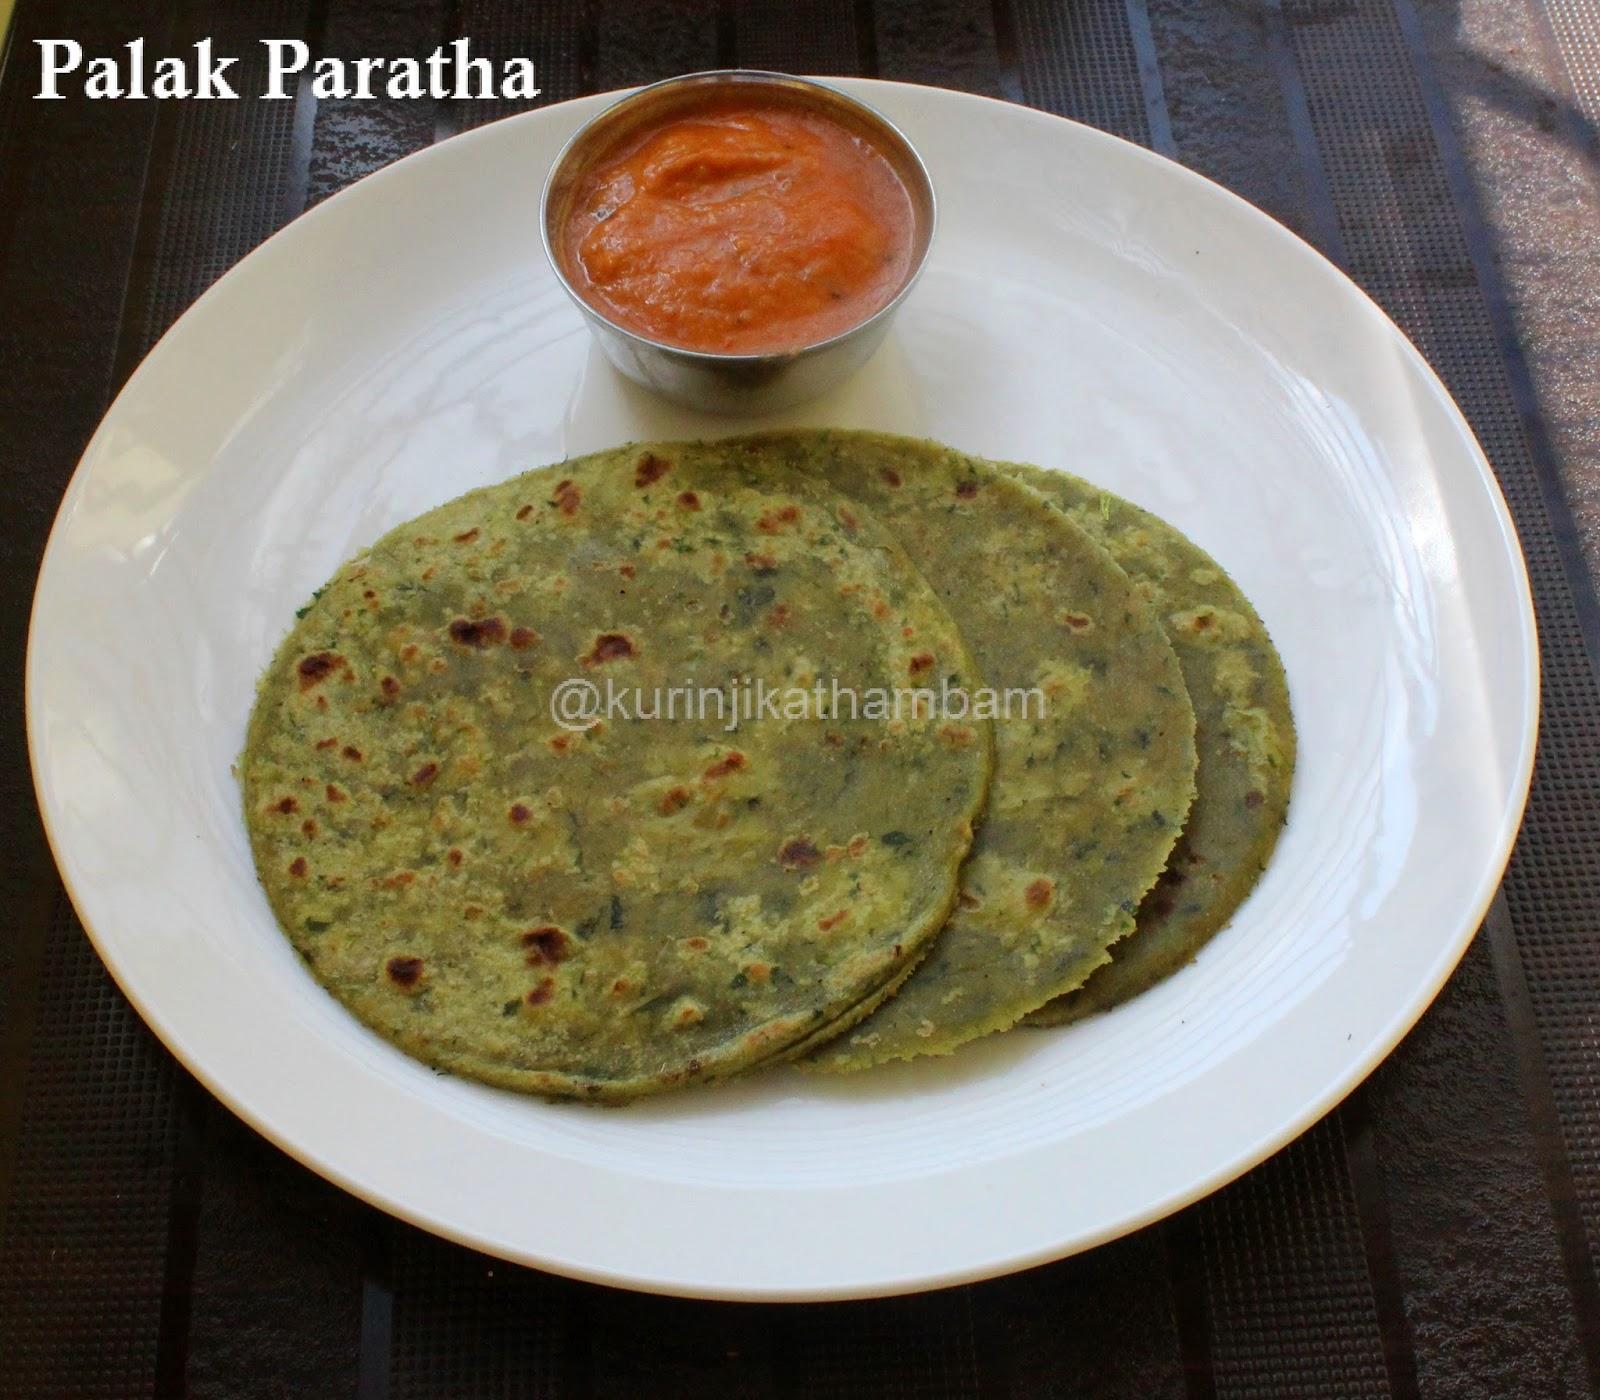 palak paratha - photo #19